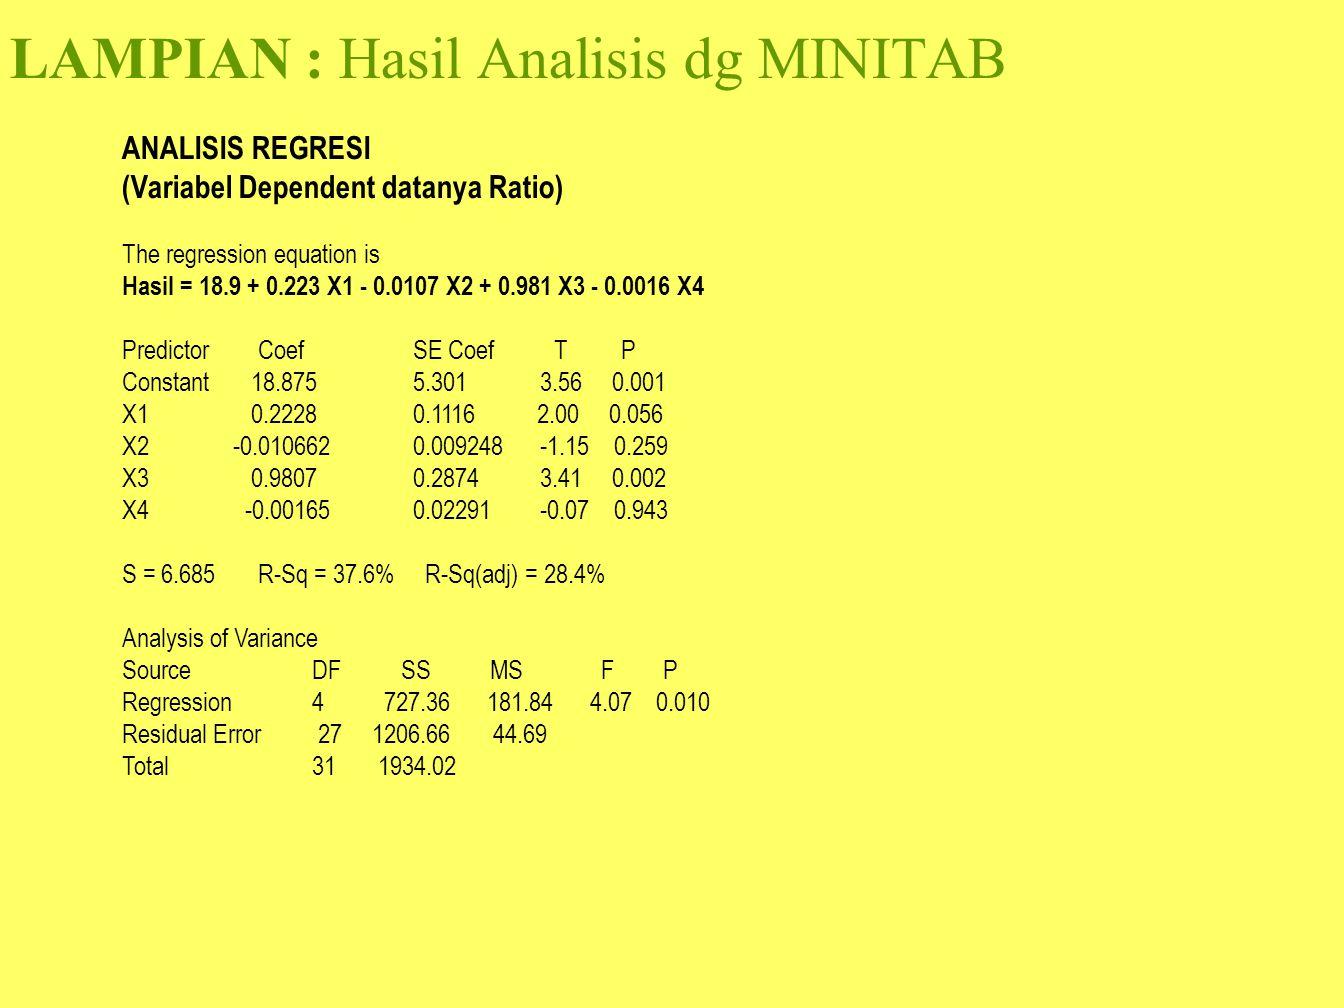 LAMPIAN : Hasil Analisis dg MINITAB ANALISIS REGRESI (Variabel Dependent datanya Ratio) The regression equation is Hasil = 18.9 + 0.223 X1 - 0.0107 X2